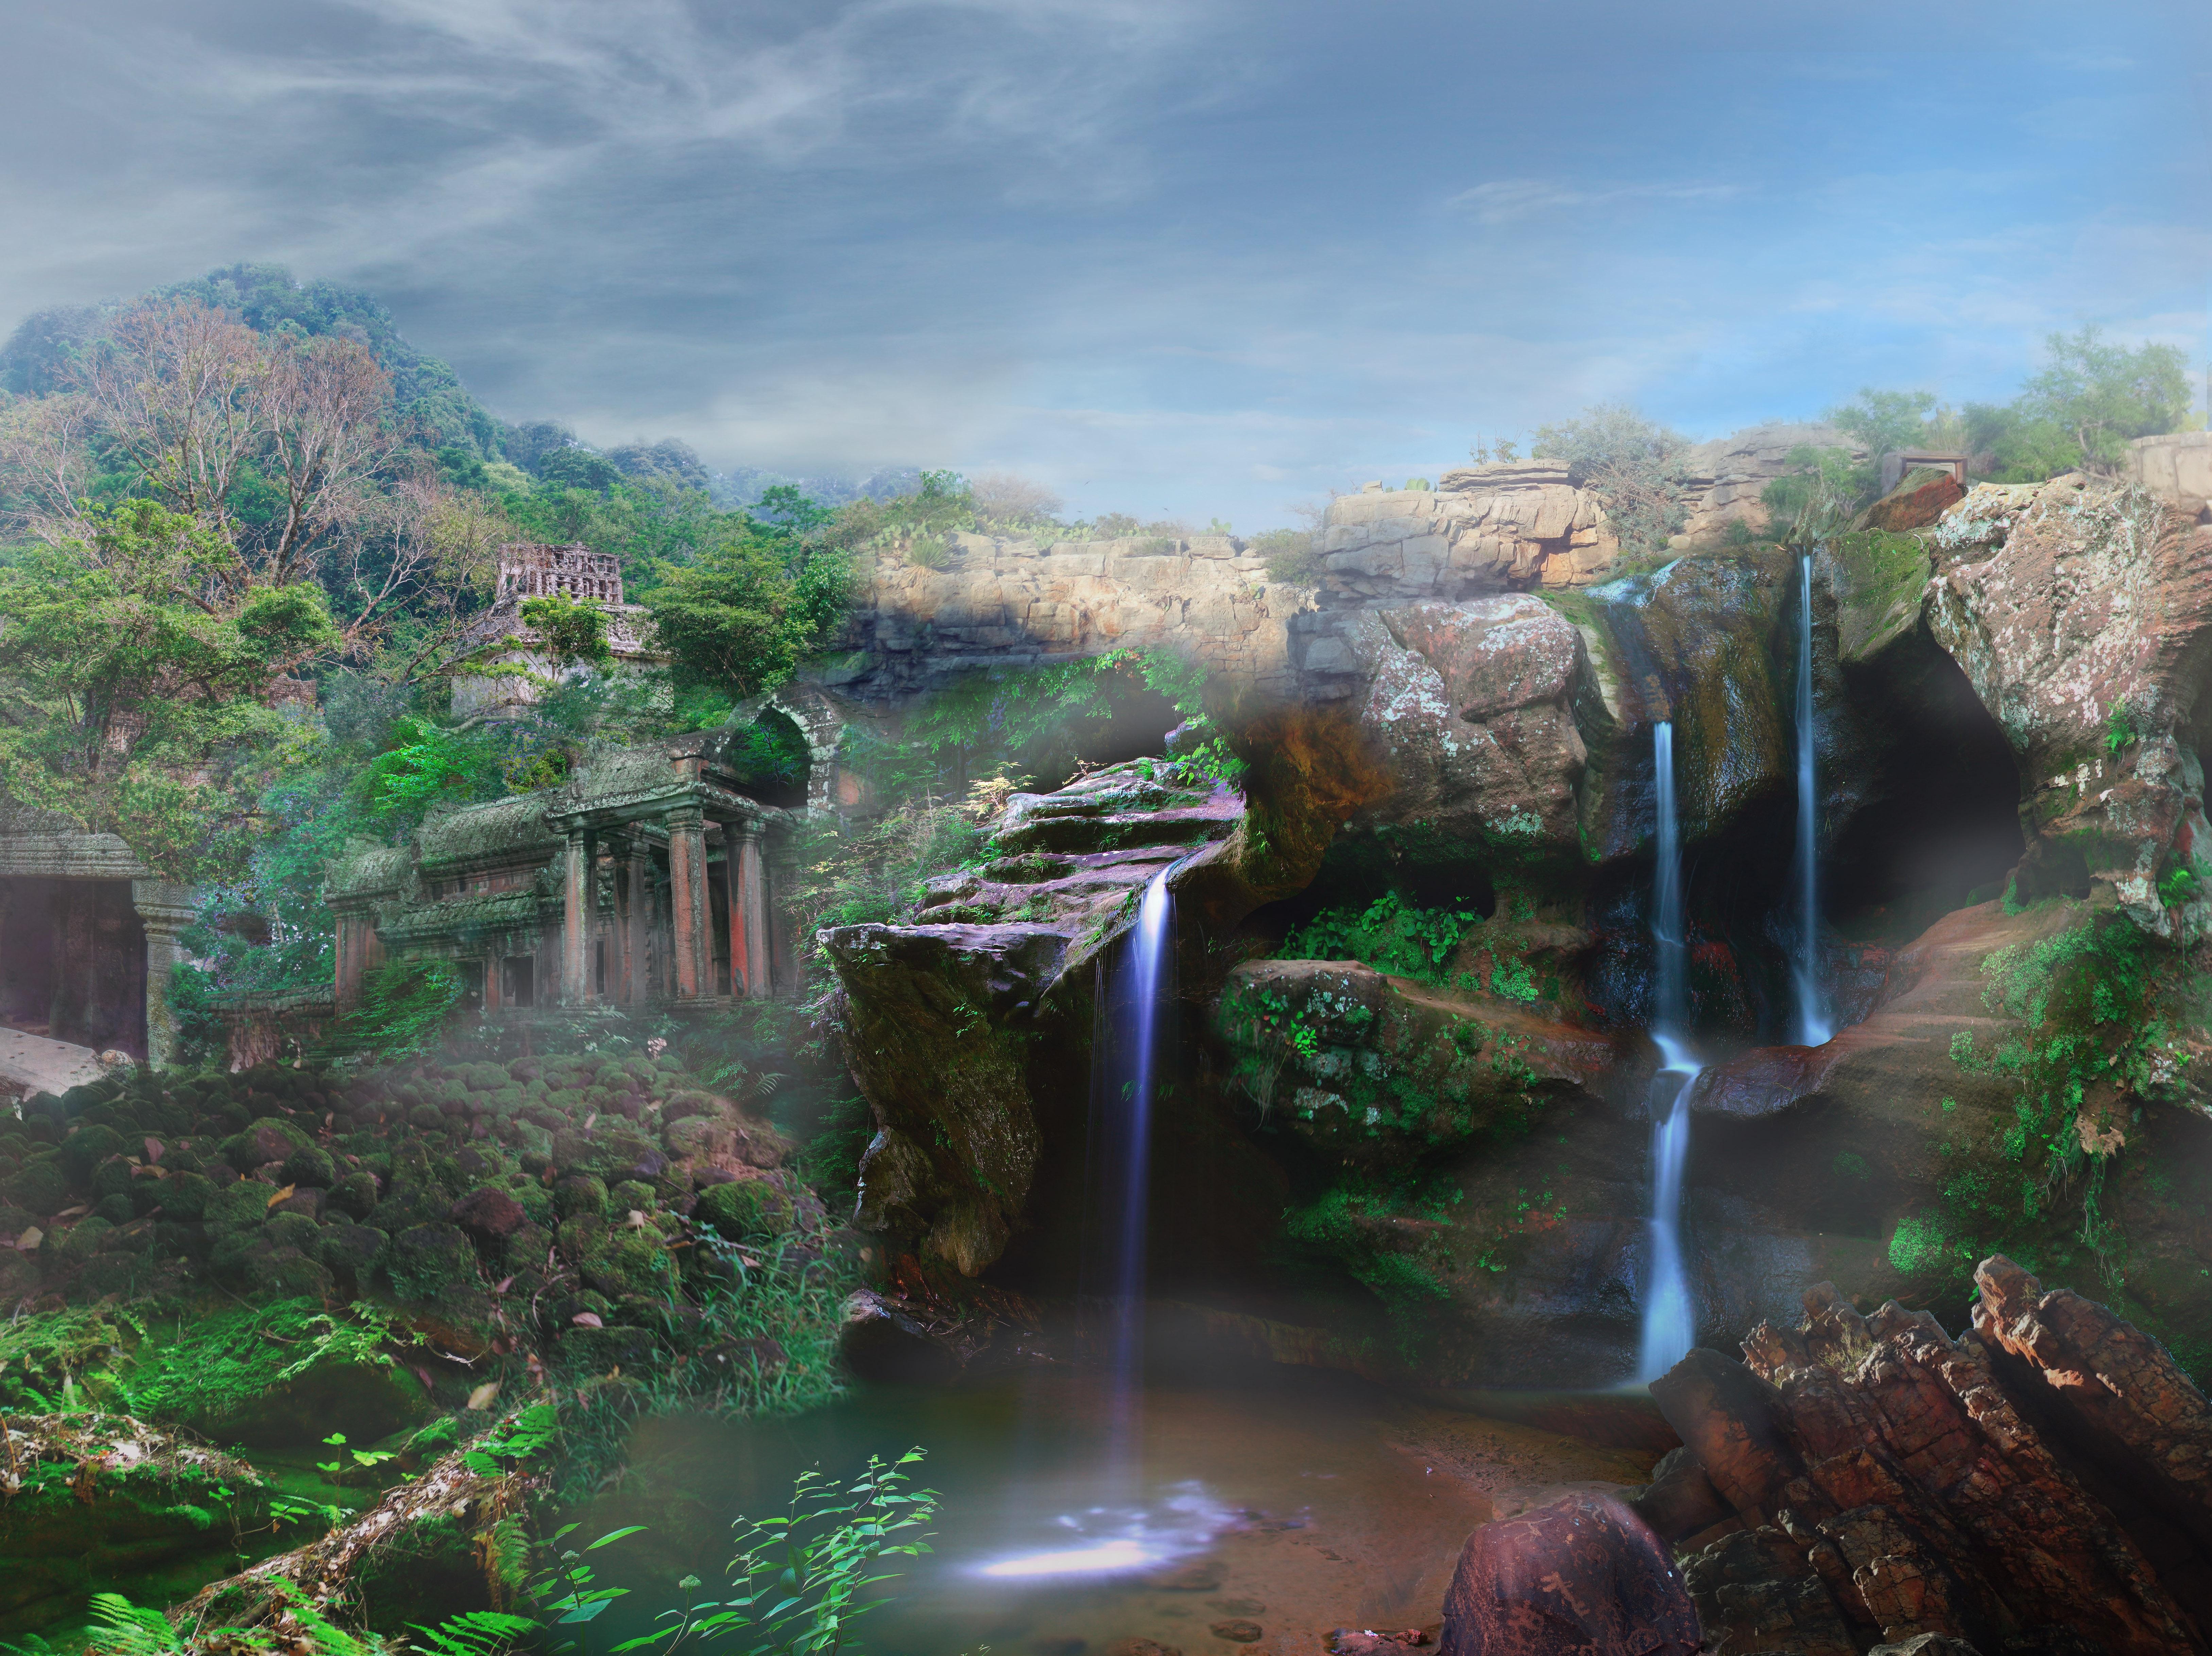 83 Gambar Pemandangan Fantasi Terlihat Keren